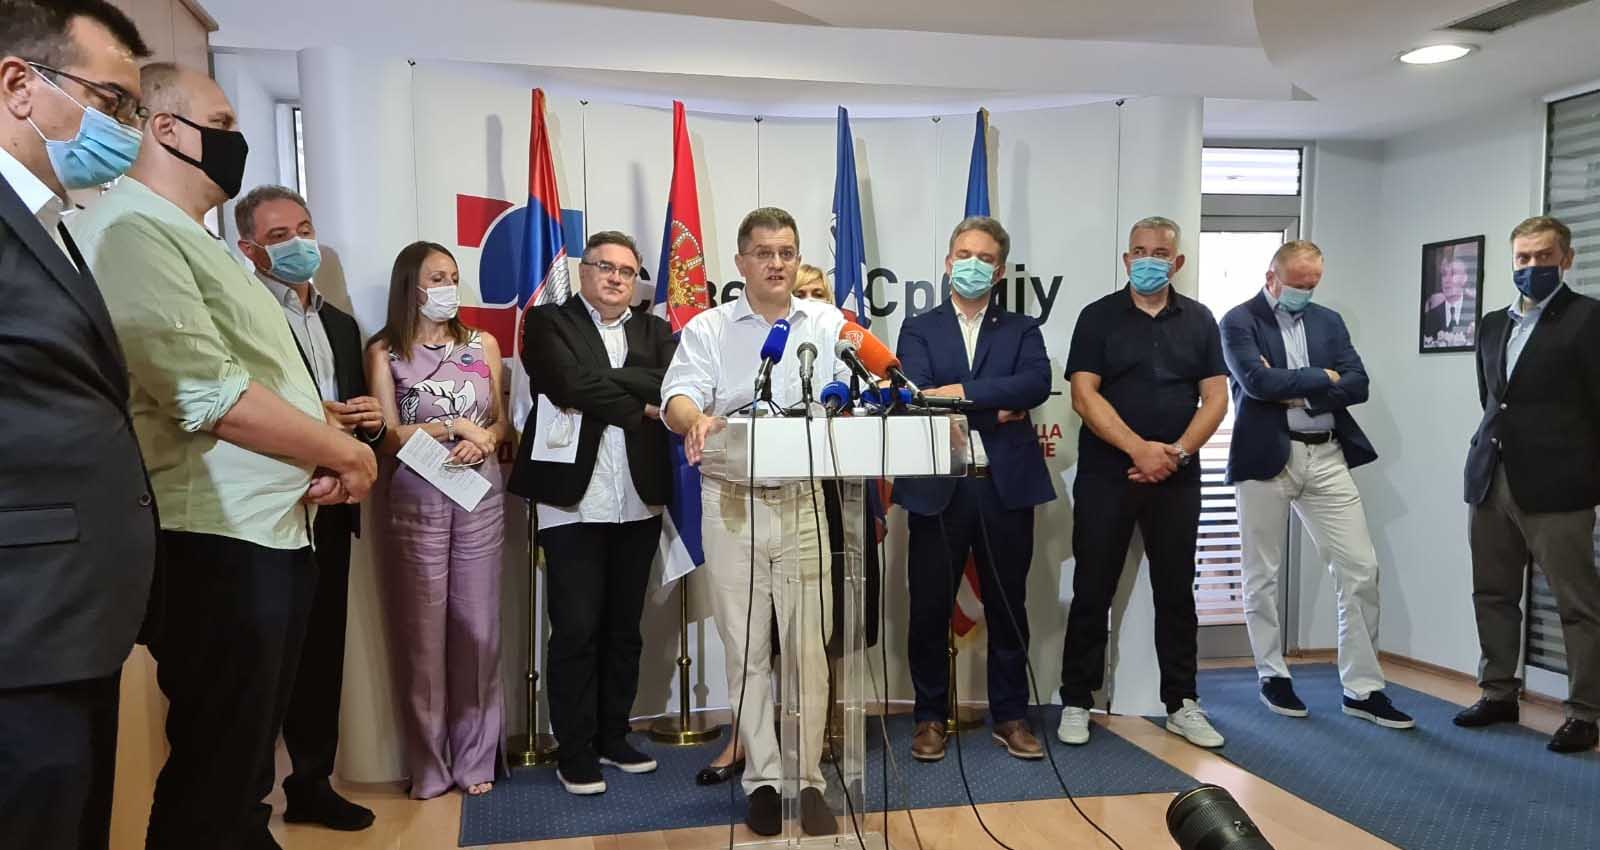 Јеремић: Циљ је промена политичког система